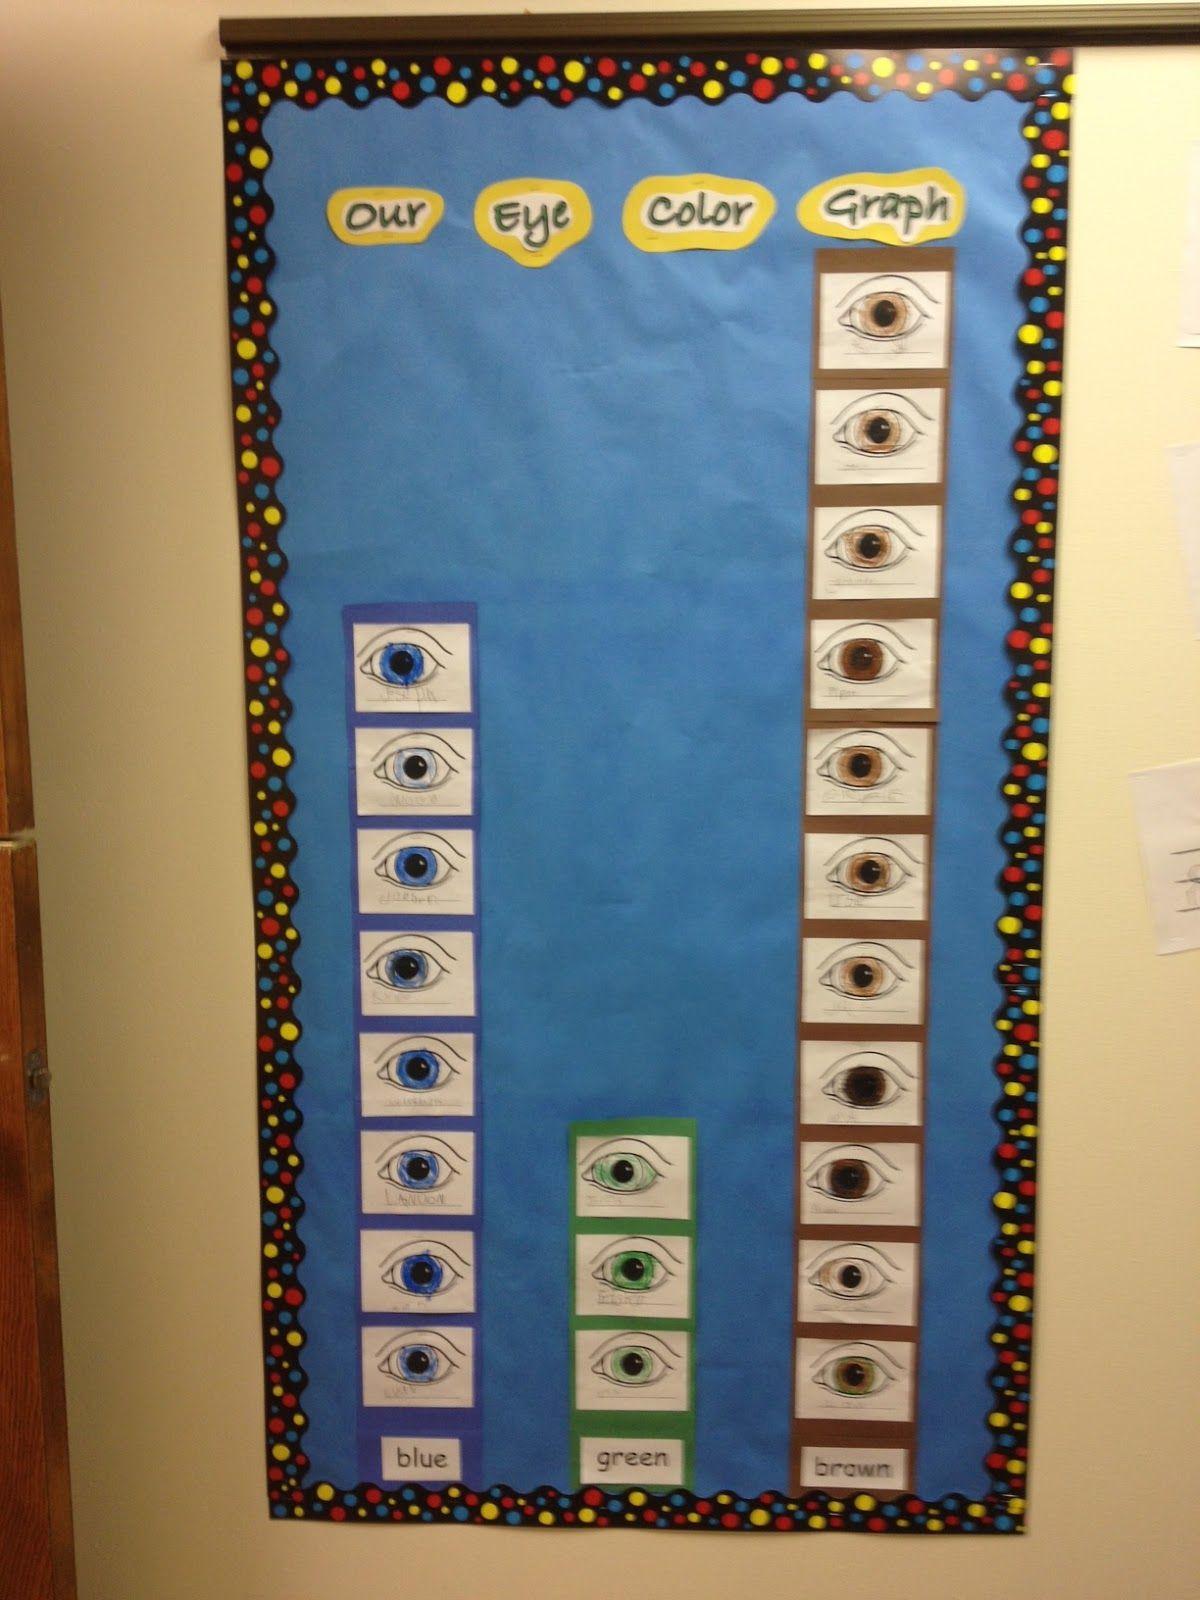 Preschool Eye Color Graph